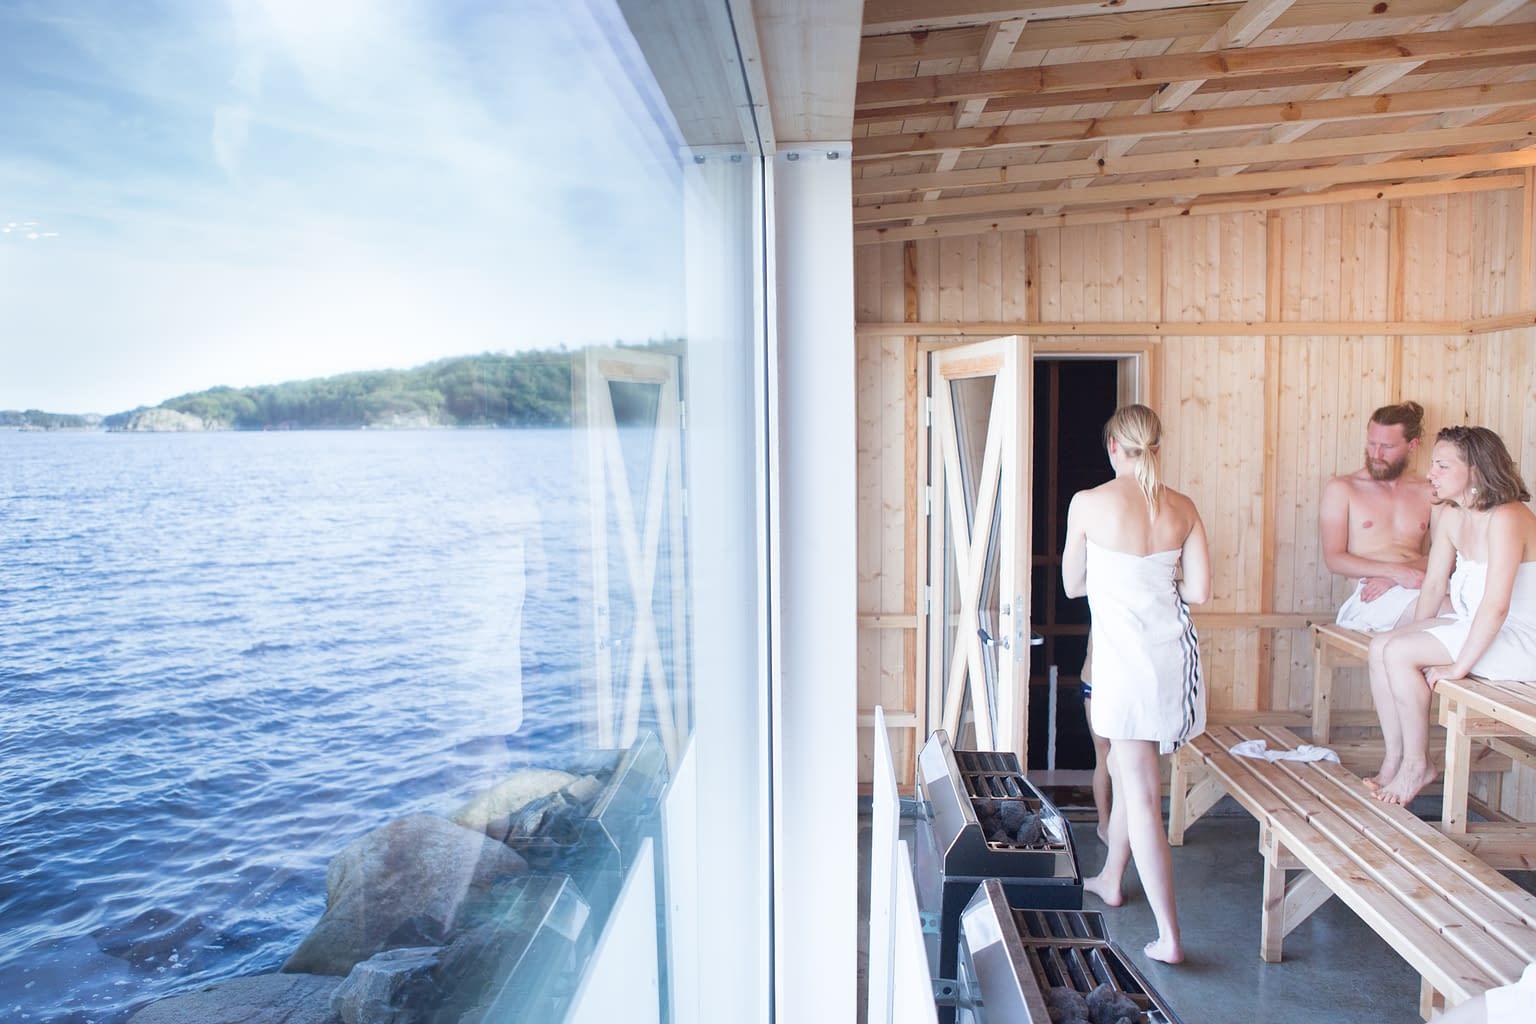 sauna-3708